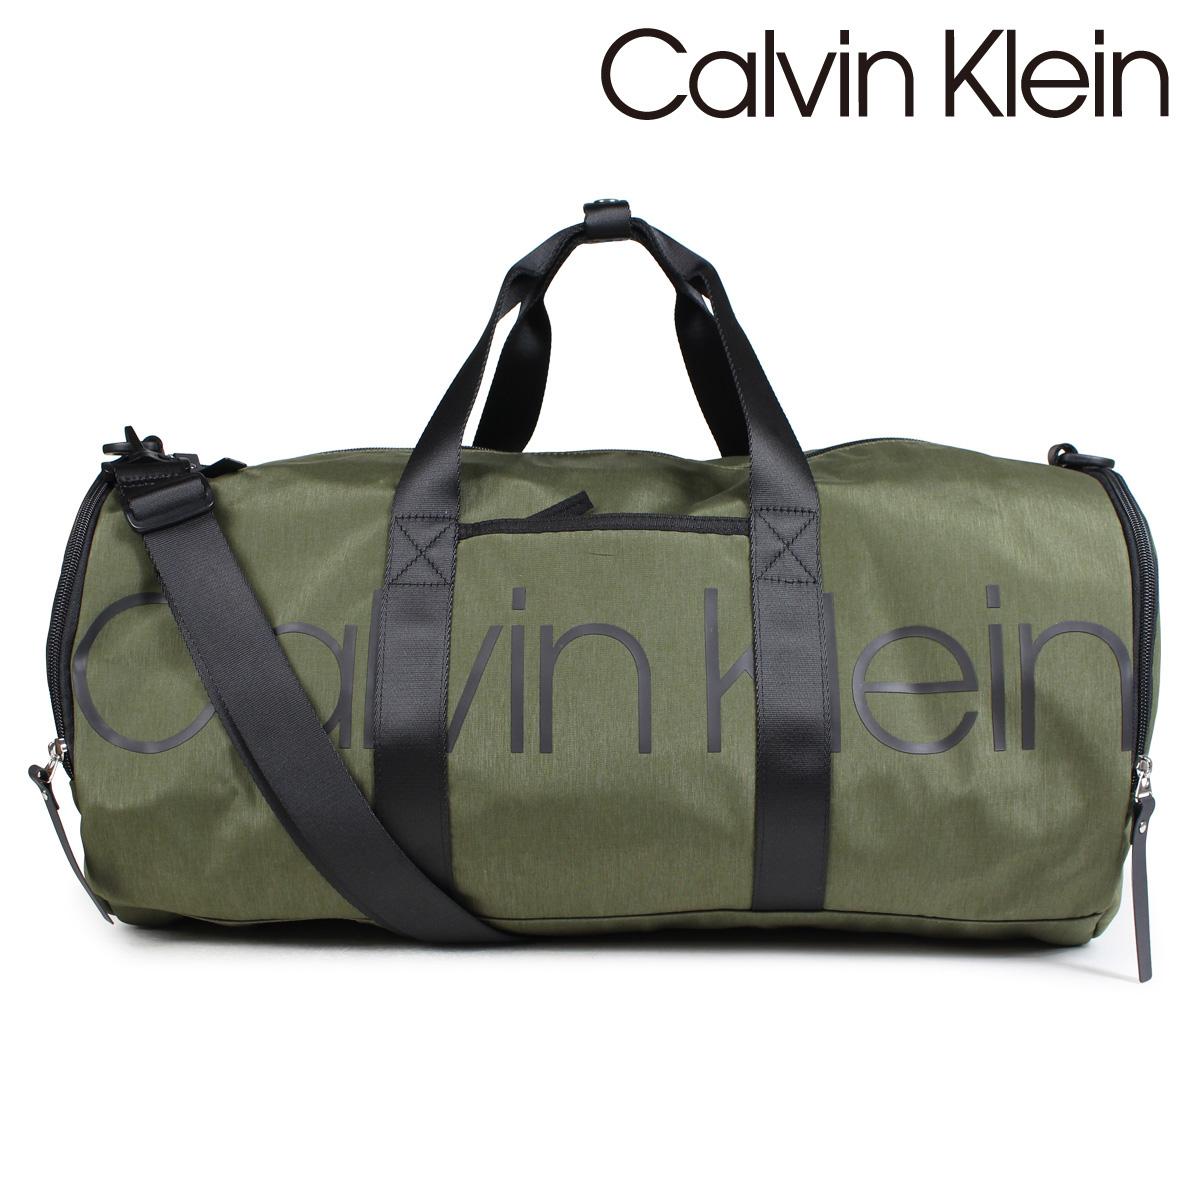 正規品販売! カルバンクライン Calvin Calvin Klein バッグ メンズ Klein レディース ダッフルバッグ BYRON TRV BYRON LGT DUFFLE カーキ, K-POWER:c0c9923c --- canoncity.azurewebsites.net